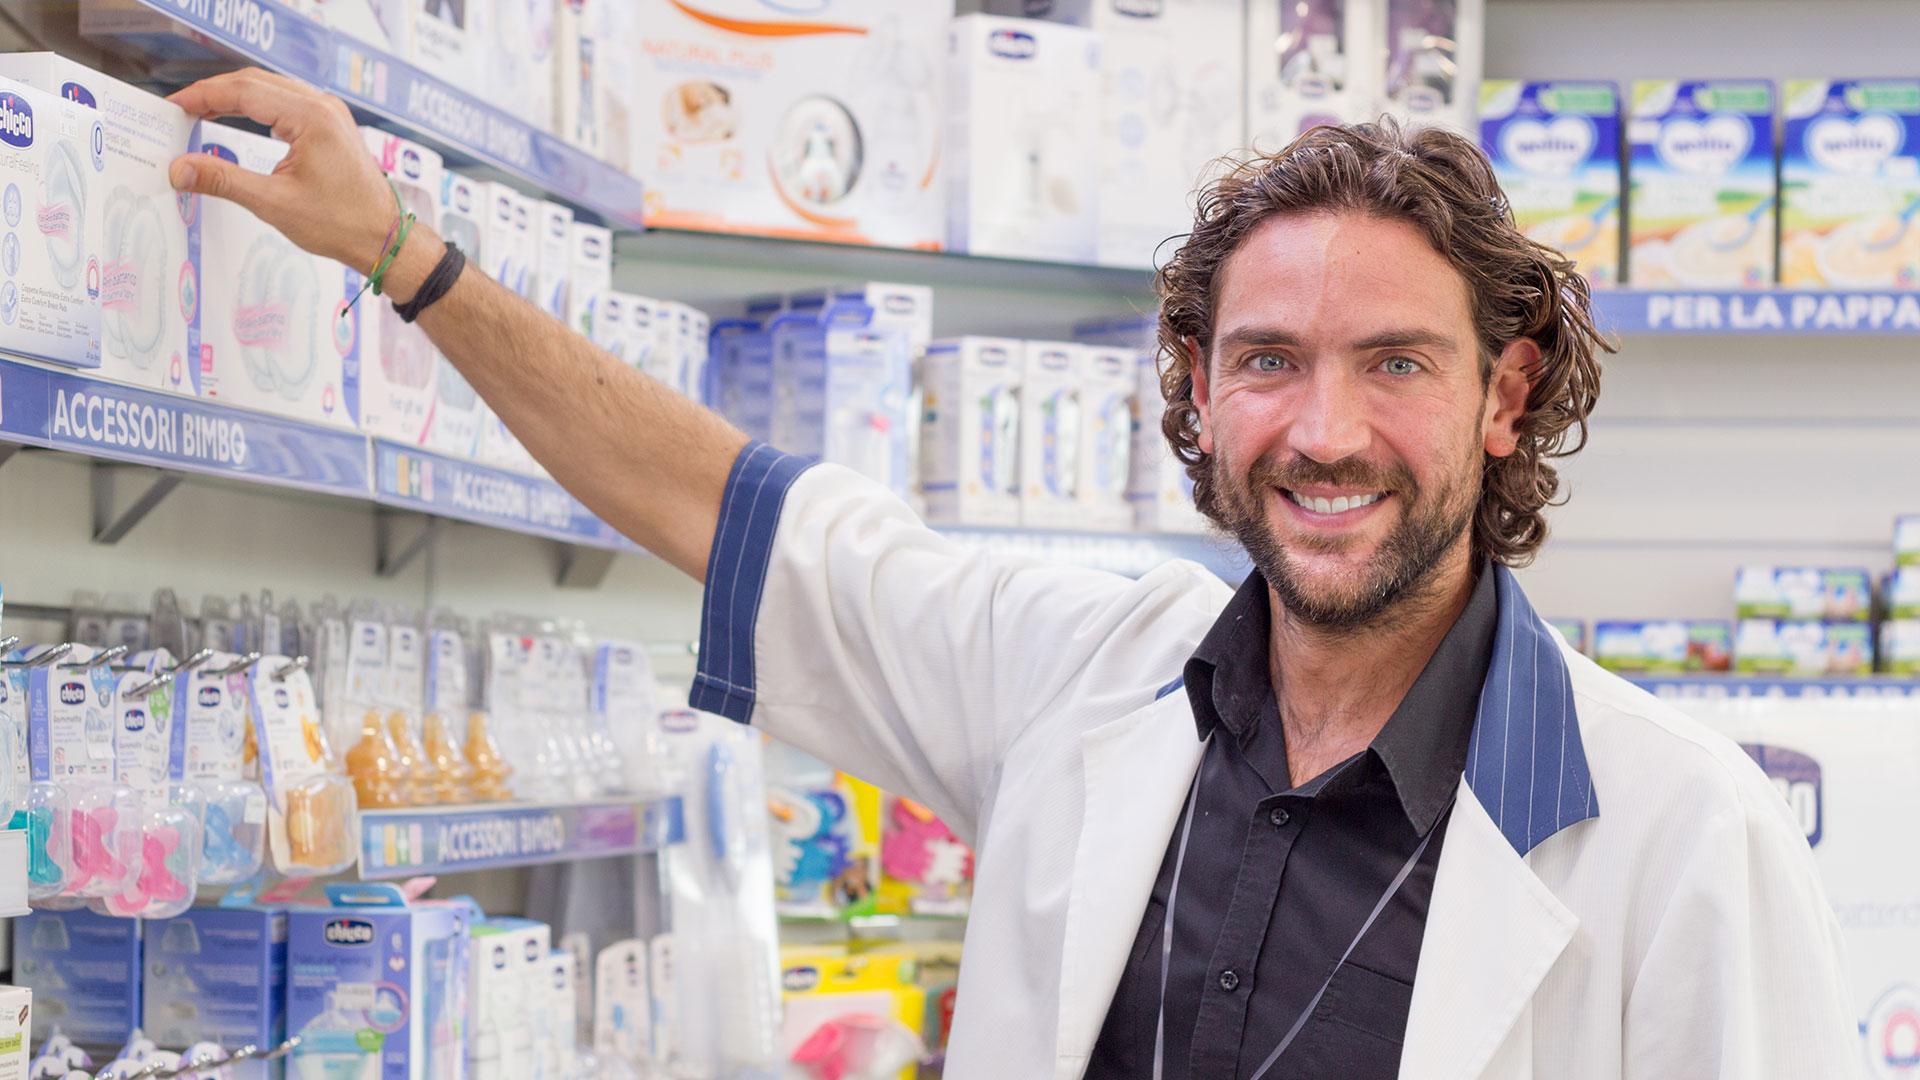 Dr. Marco della Farmacia Urbani